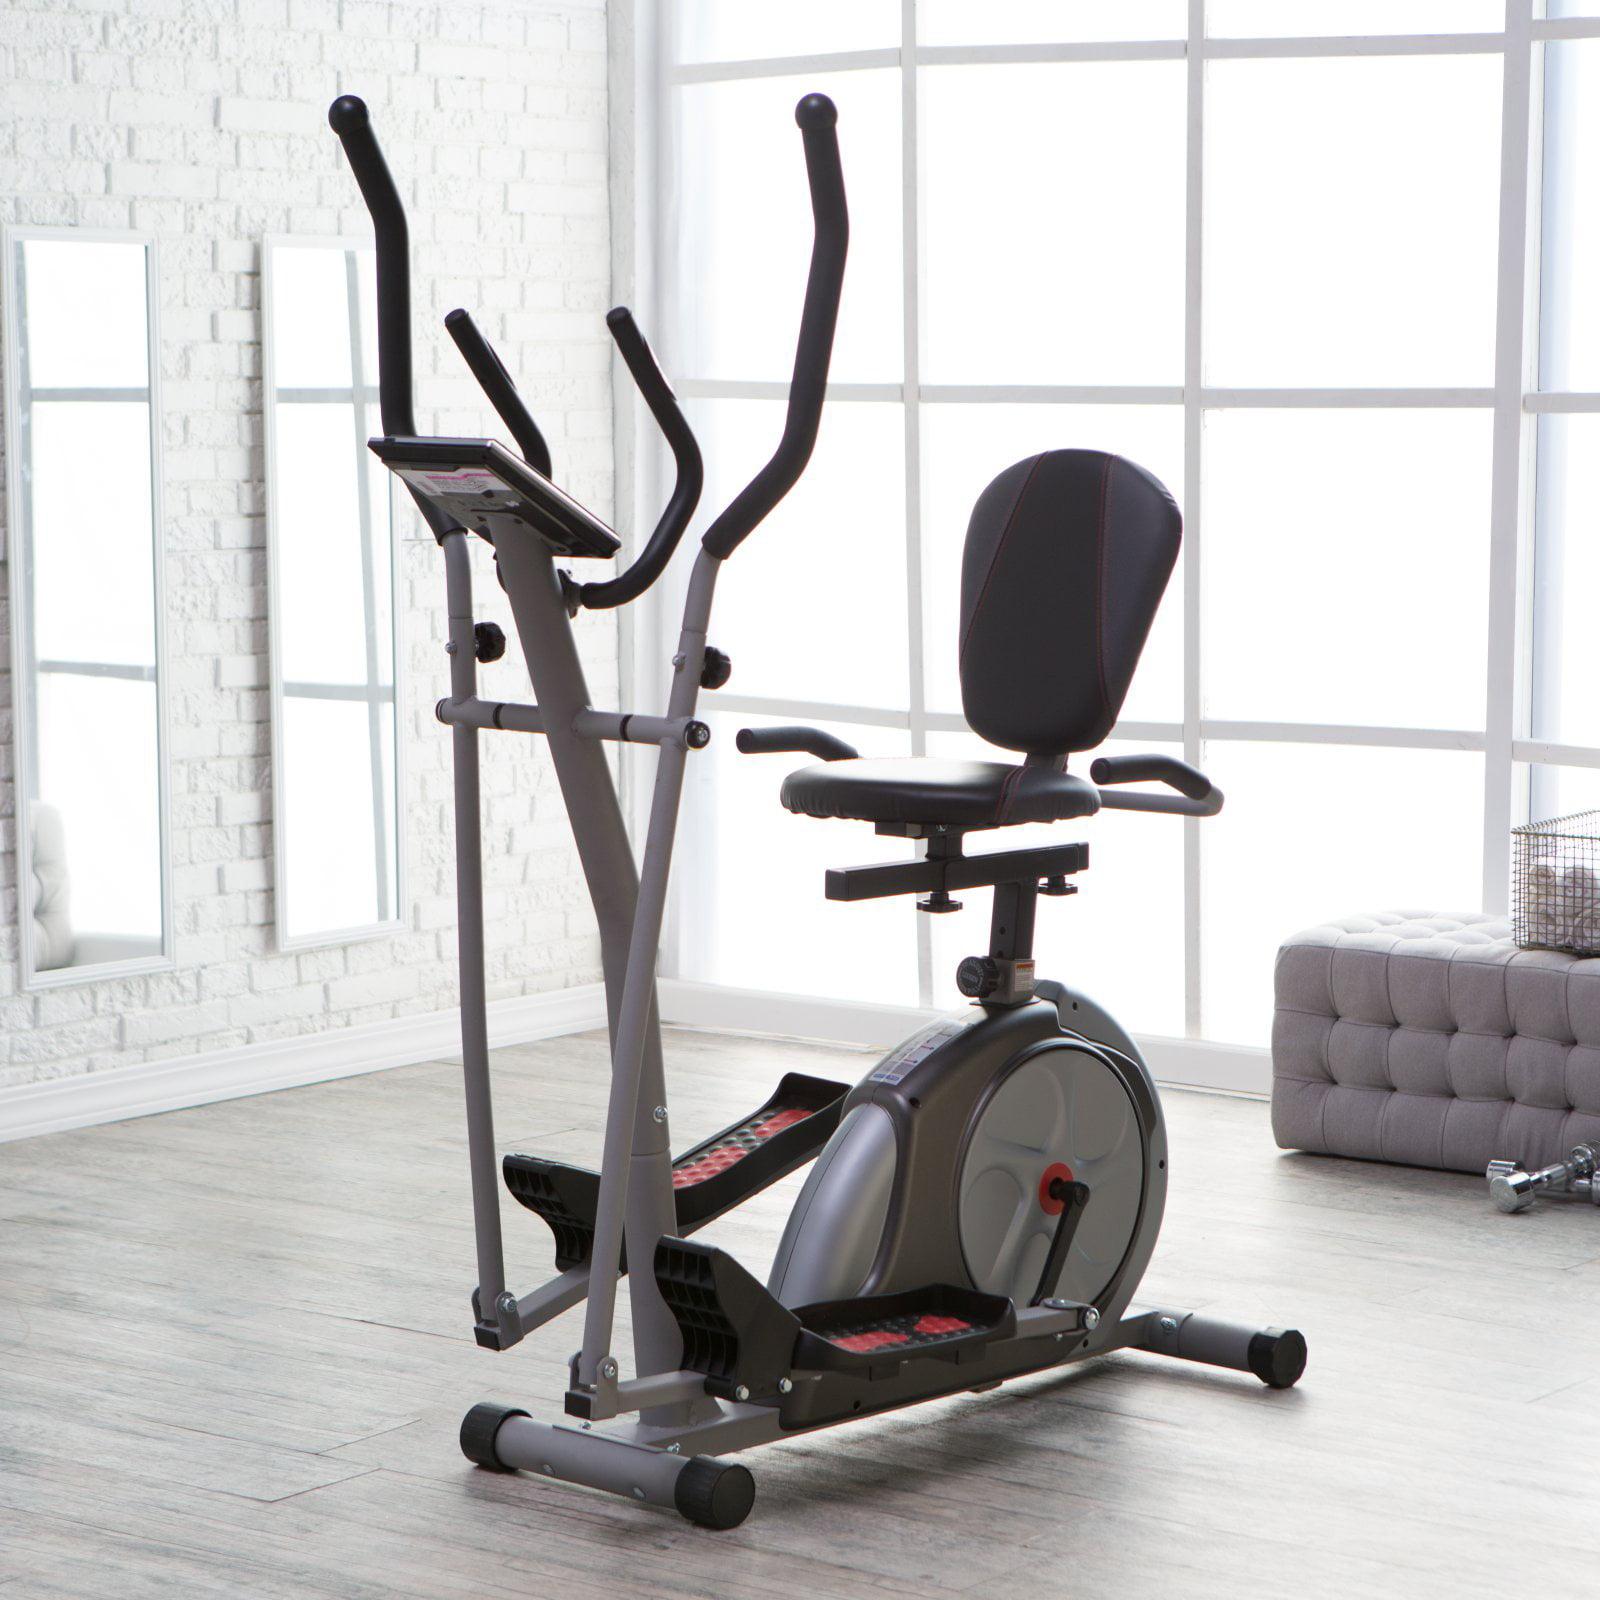 Body Rider 3-in-1 Trio Trainer - Elliptical/Recumbent Bik...